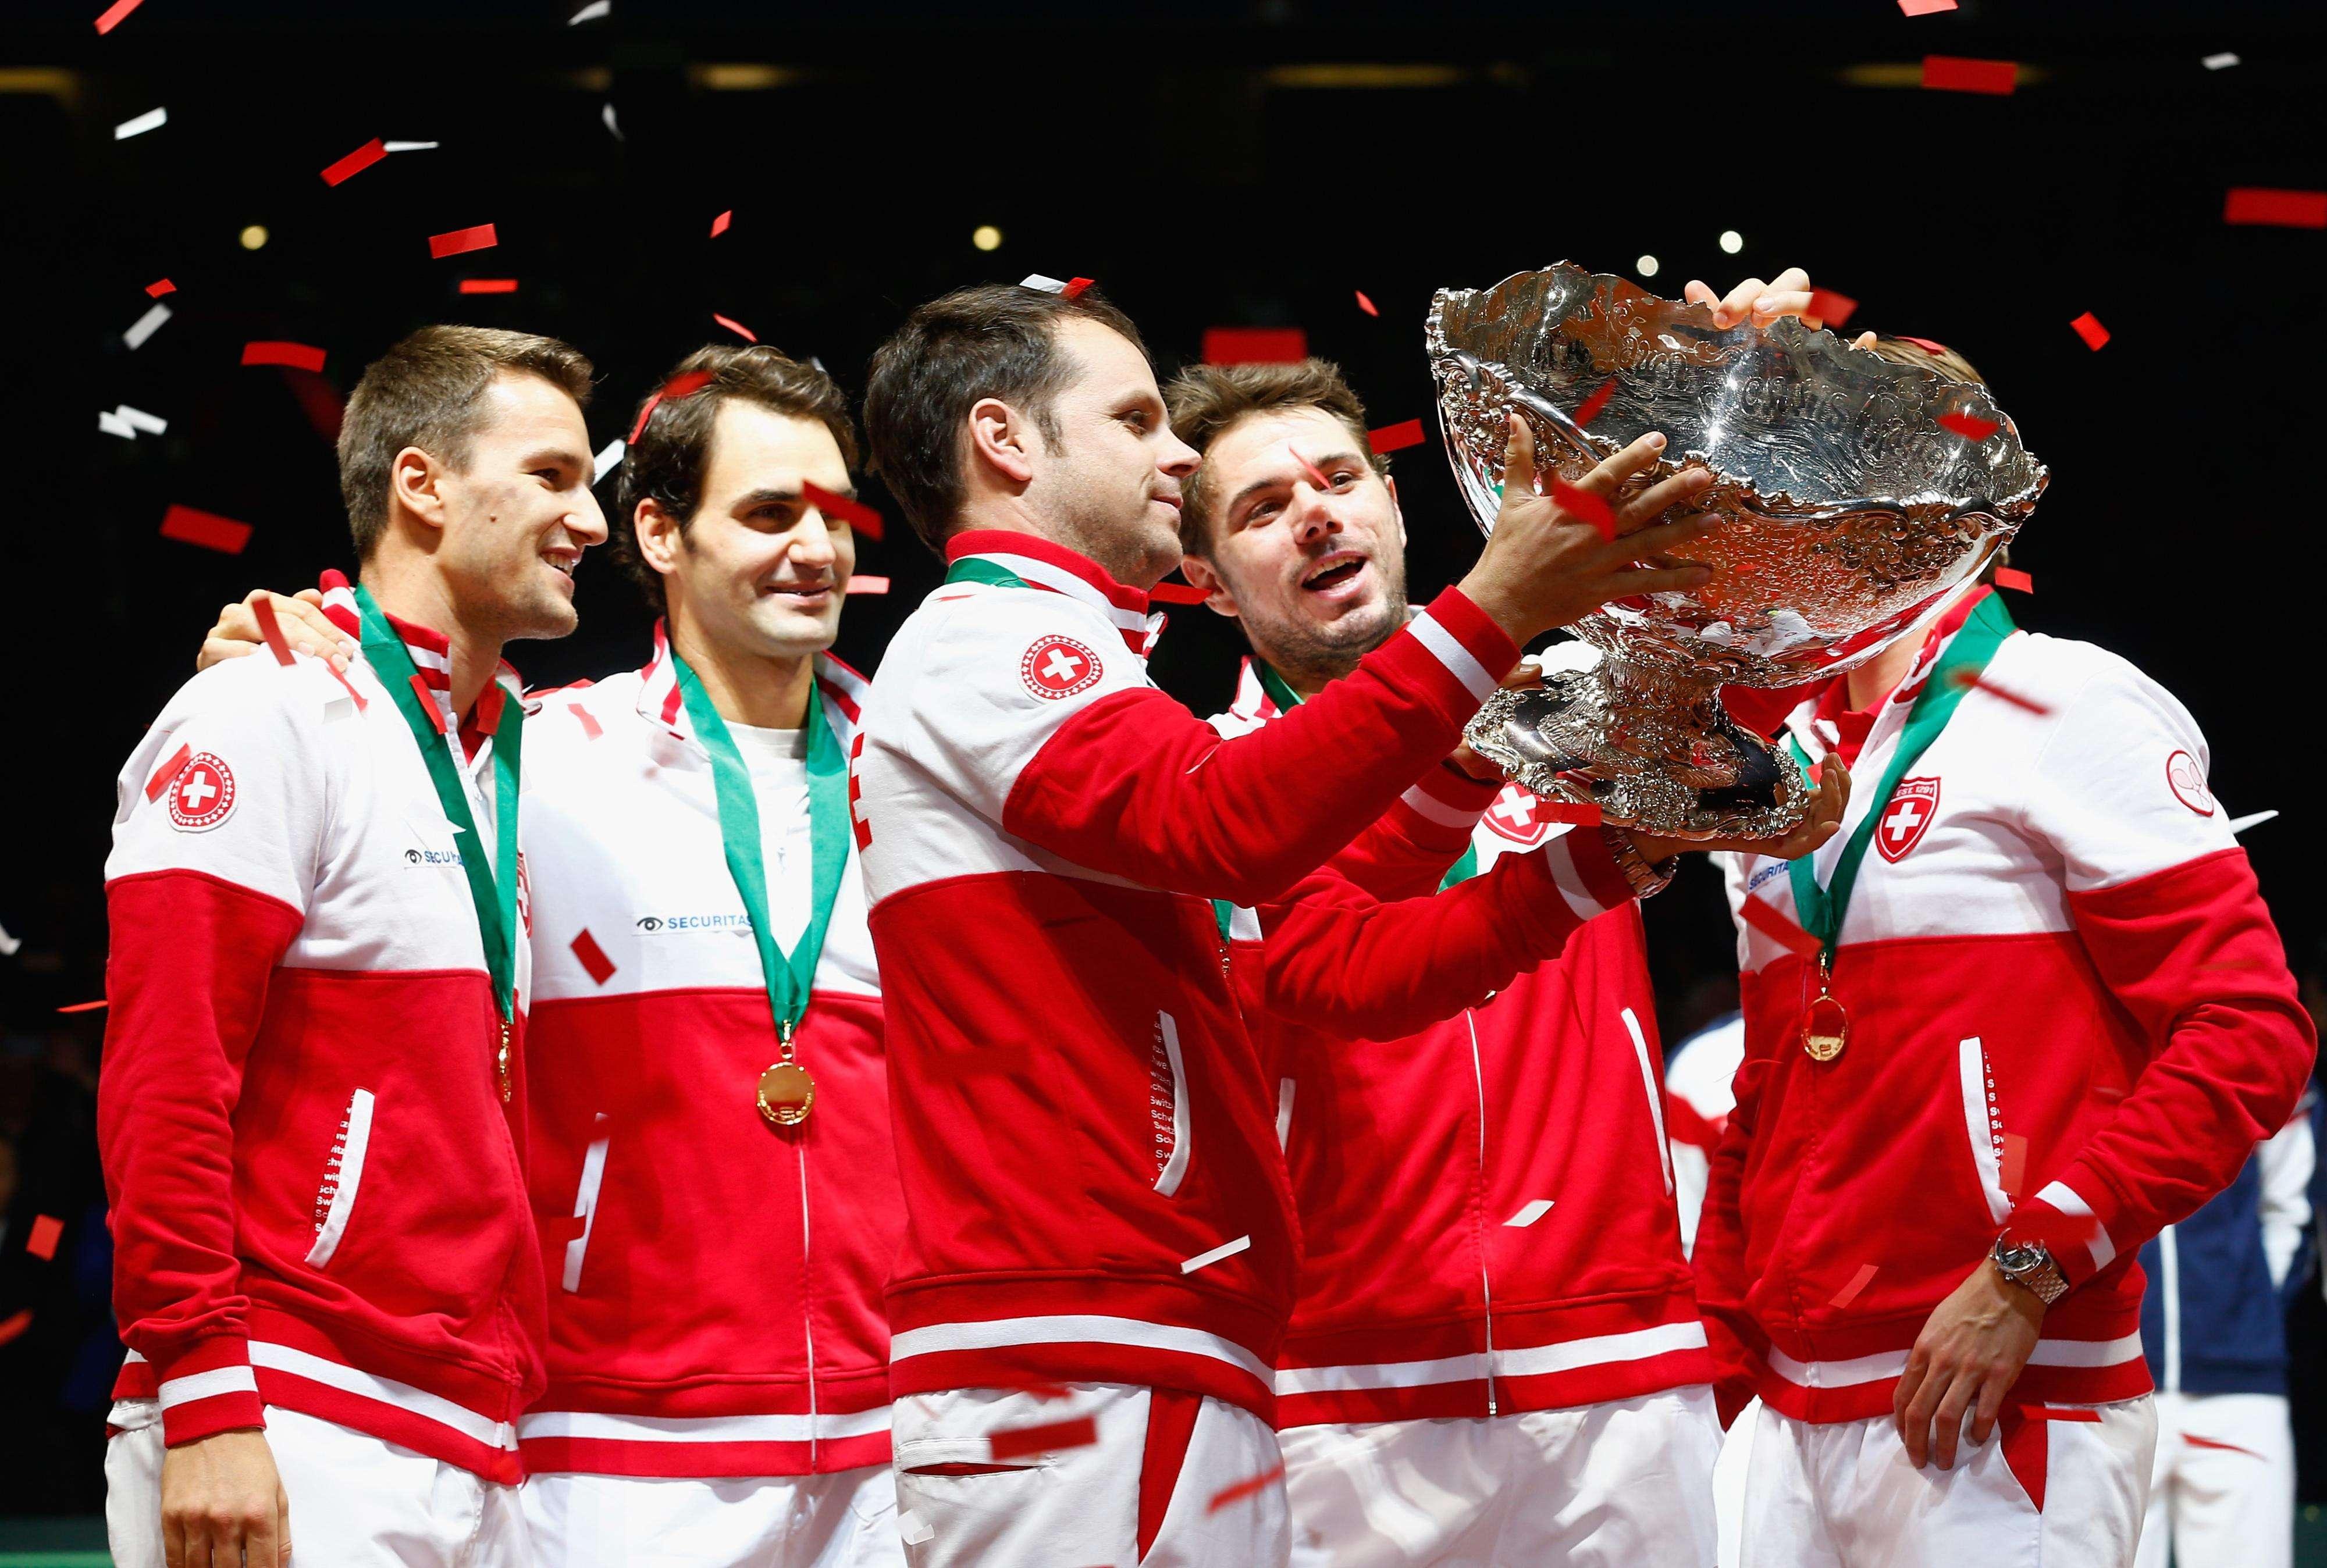 Suiza es campeón Copa Davis 2014 Foto: Getty